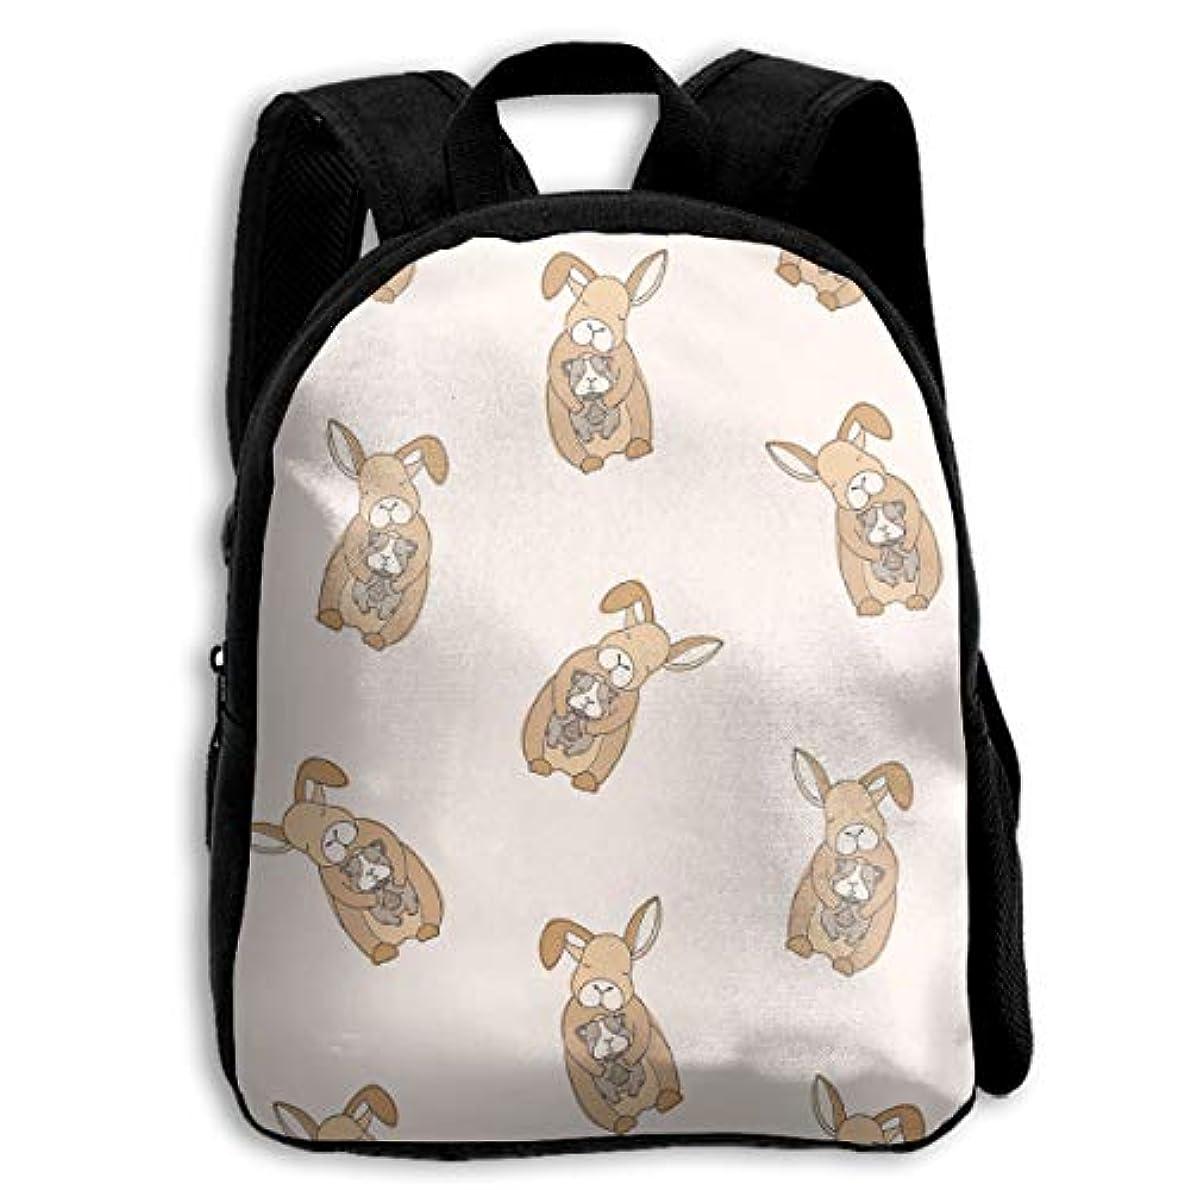 デモンストレーション技術的な一般的に言えばキッズ リュックサック バックパック キッズバッグ 子供用のバッグ キッズリュック 学生 動物柄 ウサギ アウトドア 通学 ハイキング 遠足